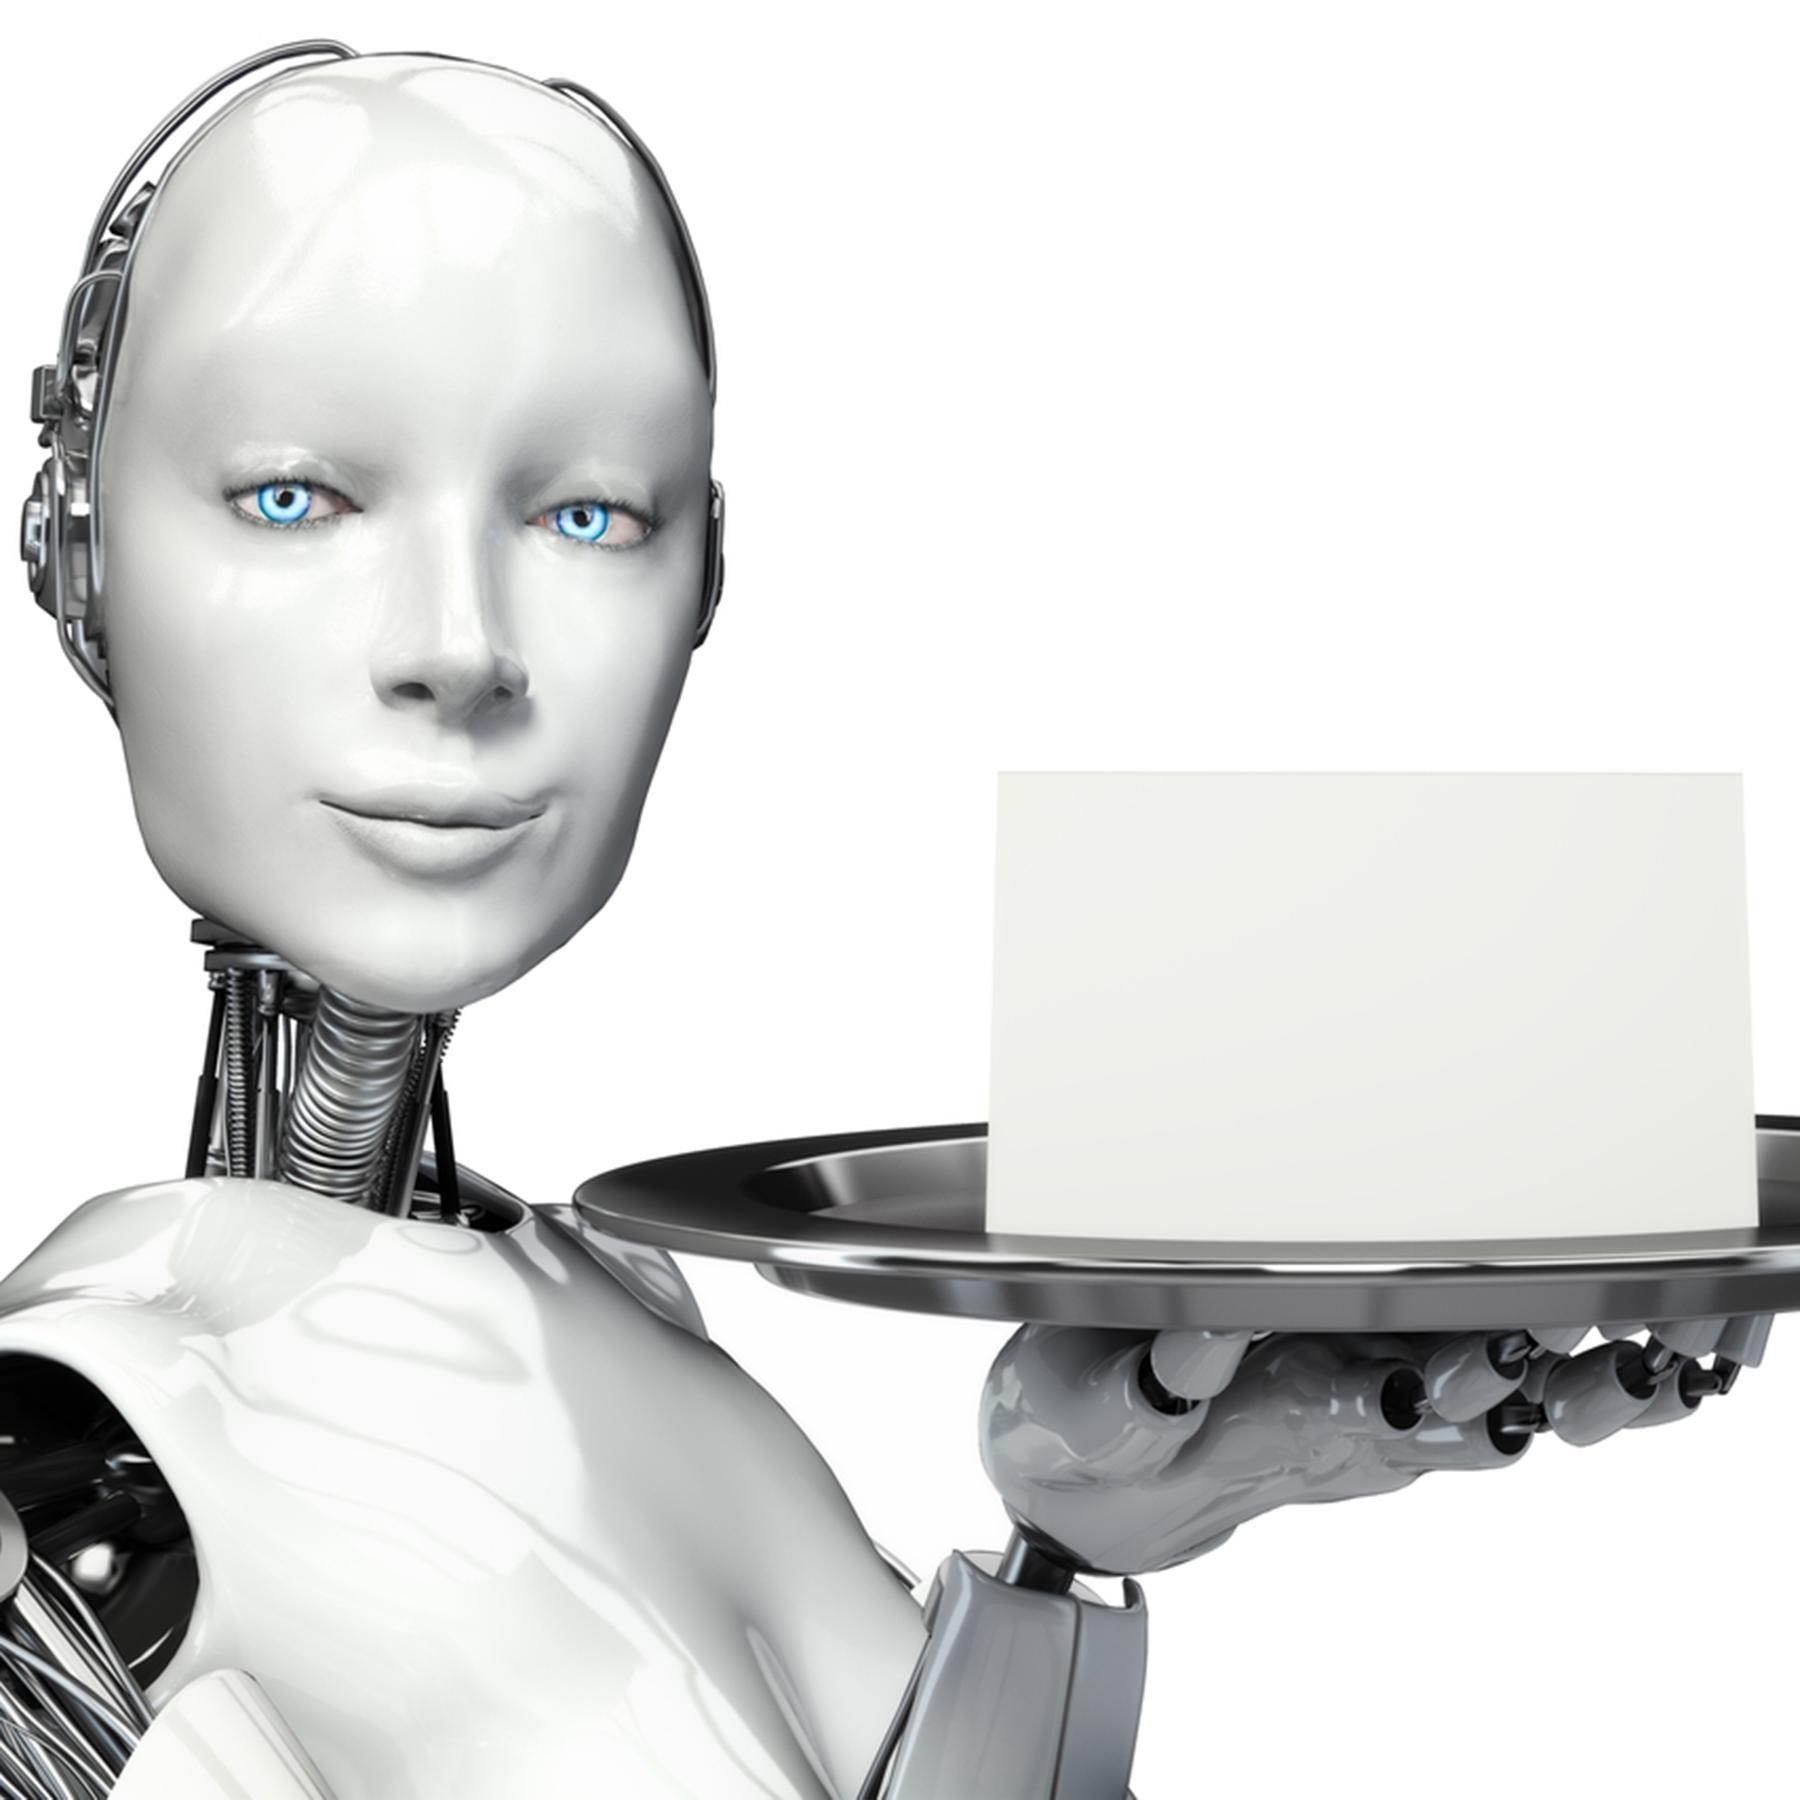 Künstliche Intelligenz - Alptraum oder Heilsversprechen?